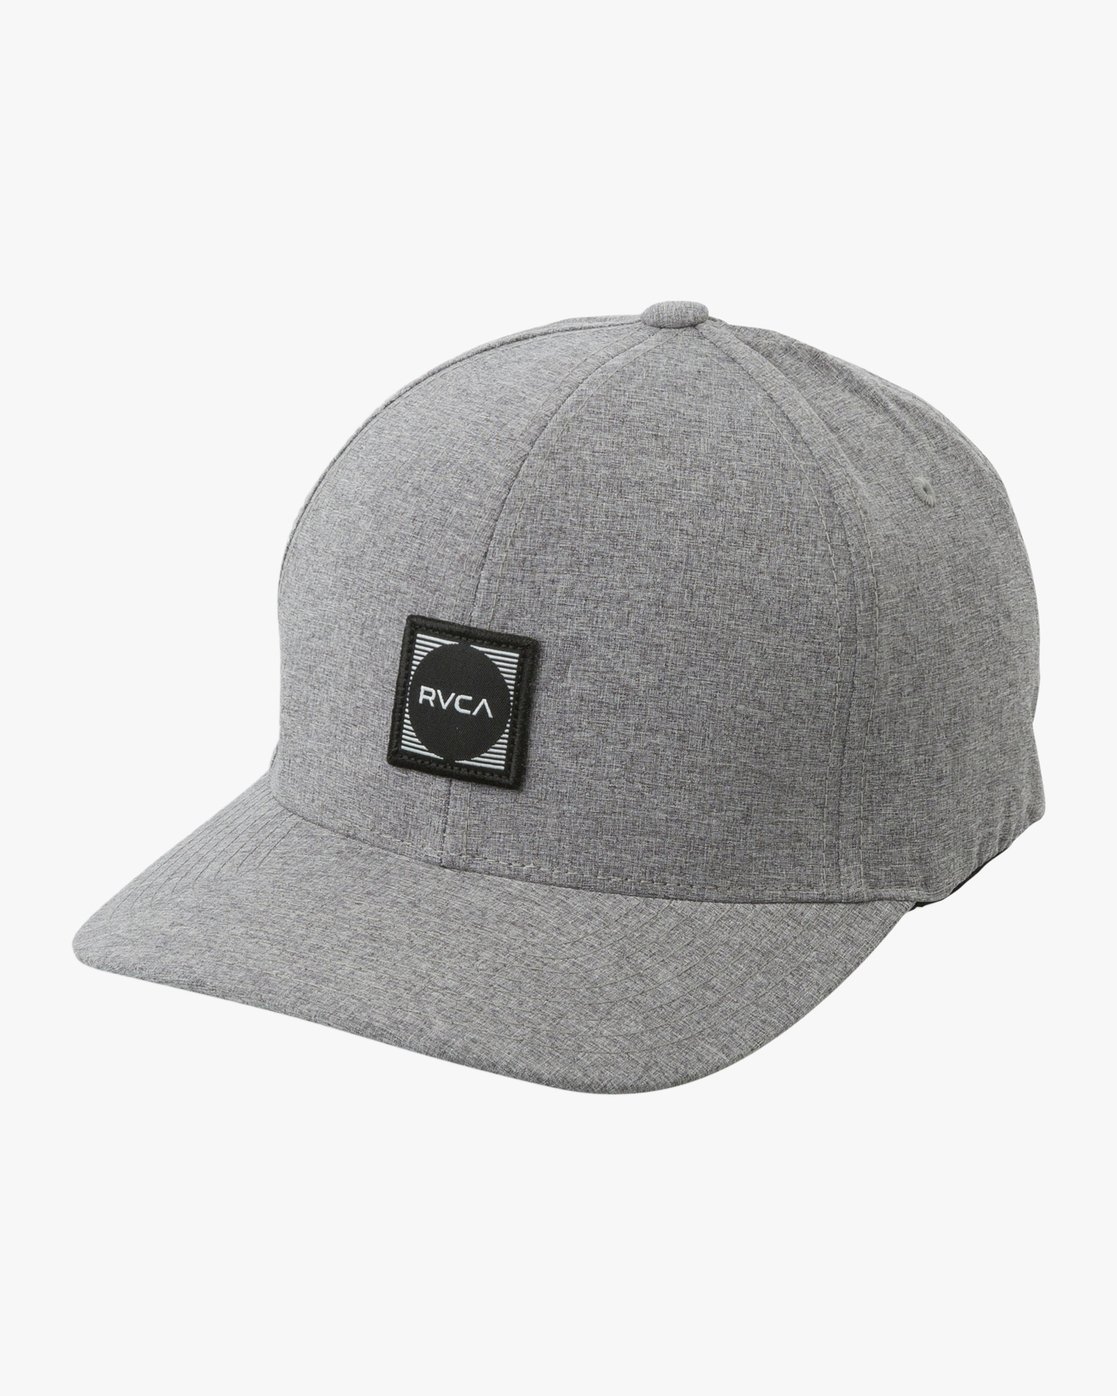 0 Scores Flexfit Hat Grey MAHWTRSC RVCA